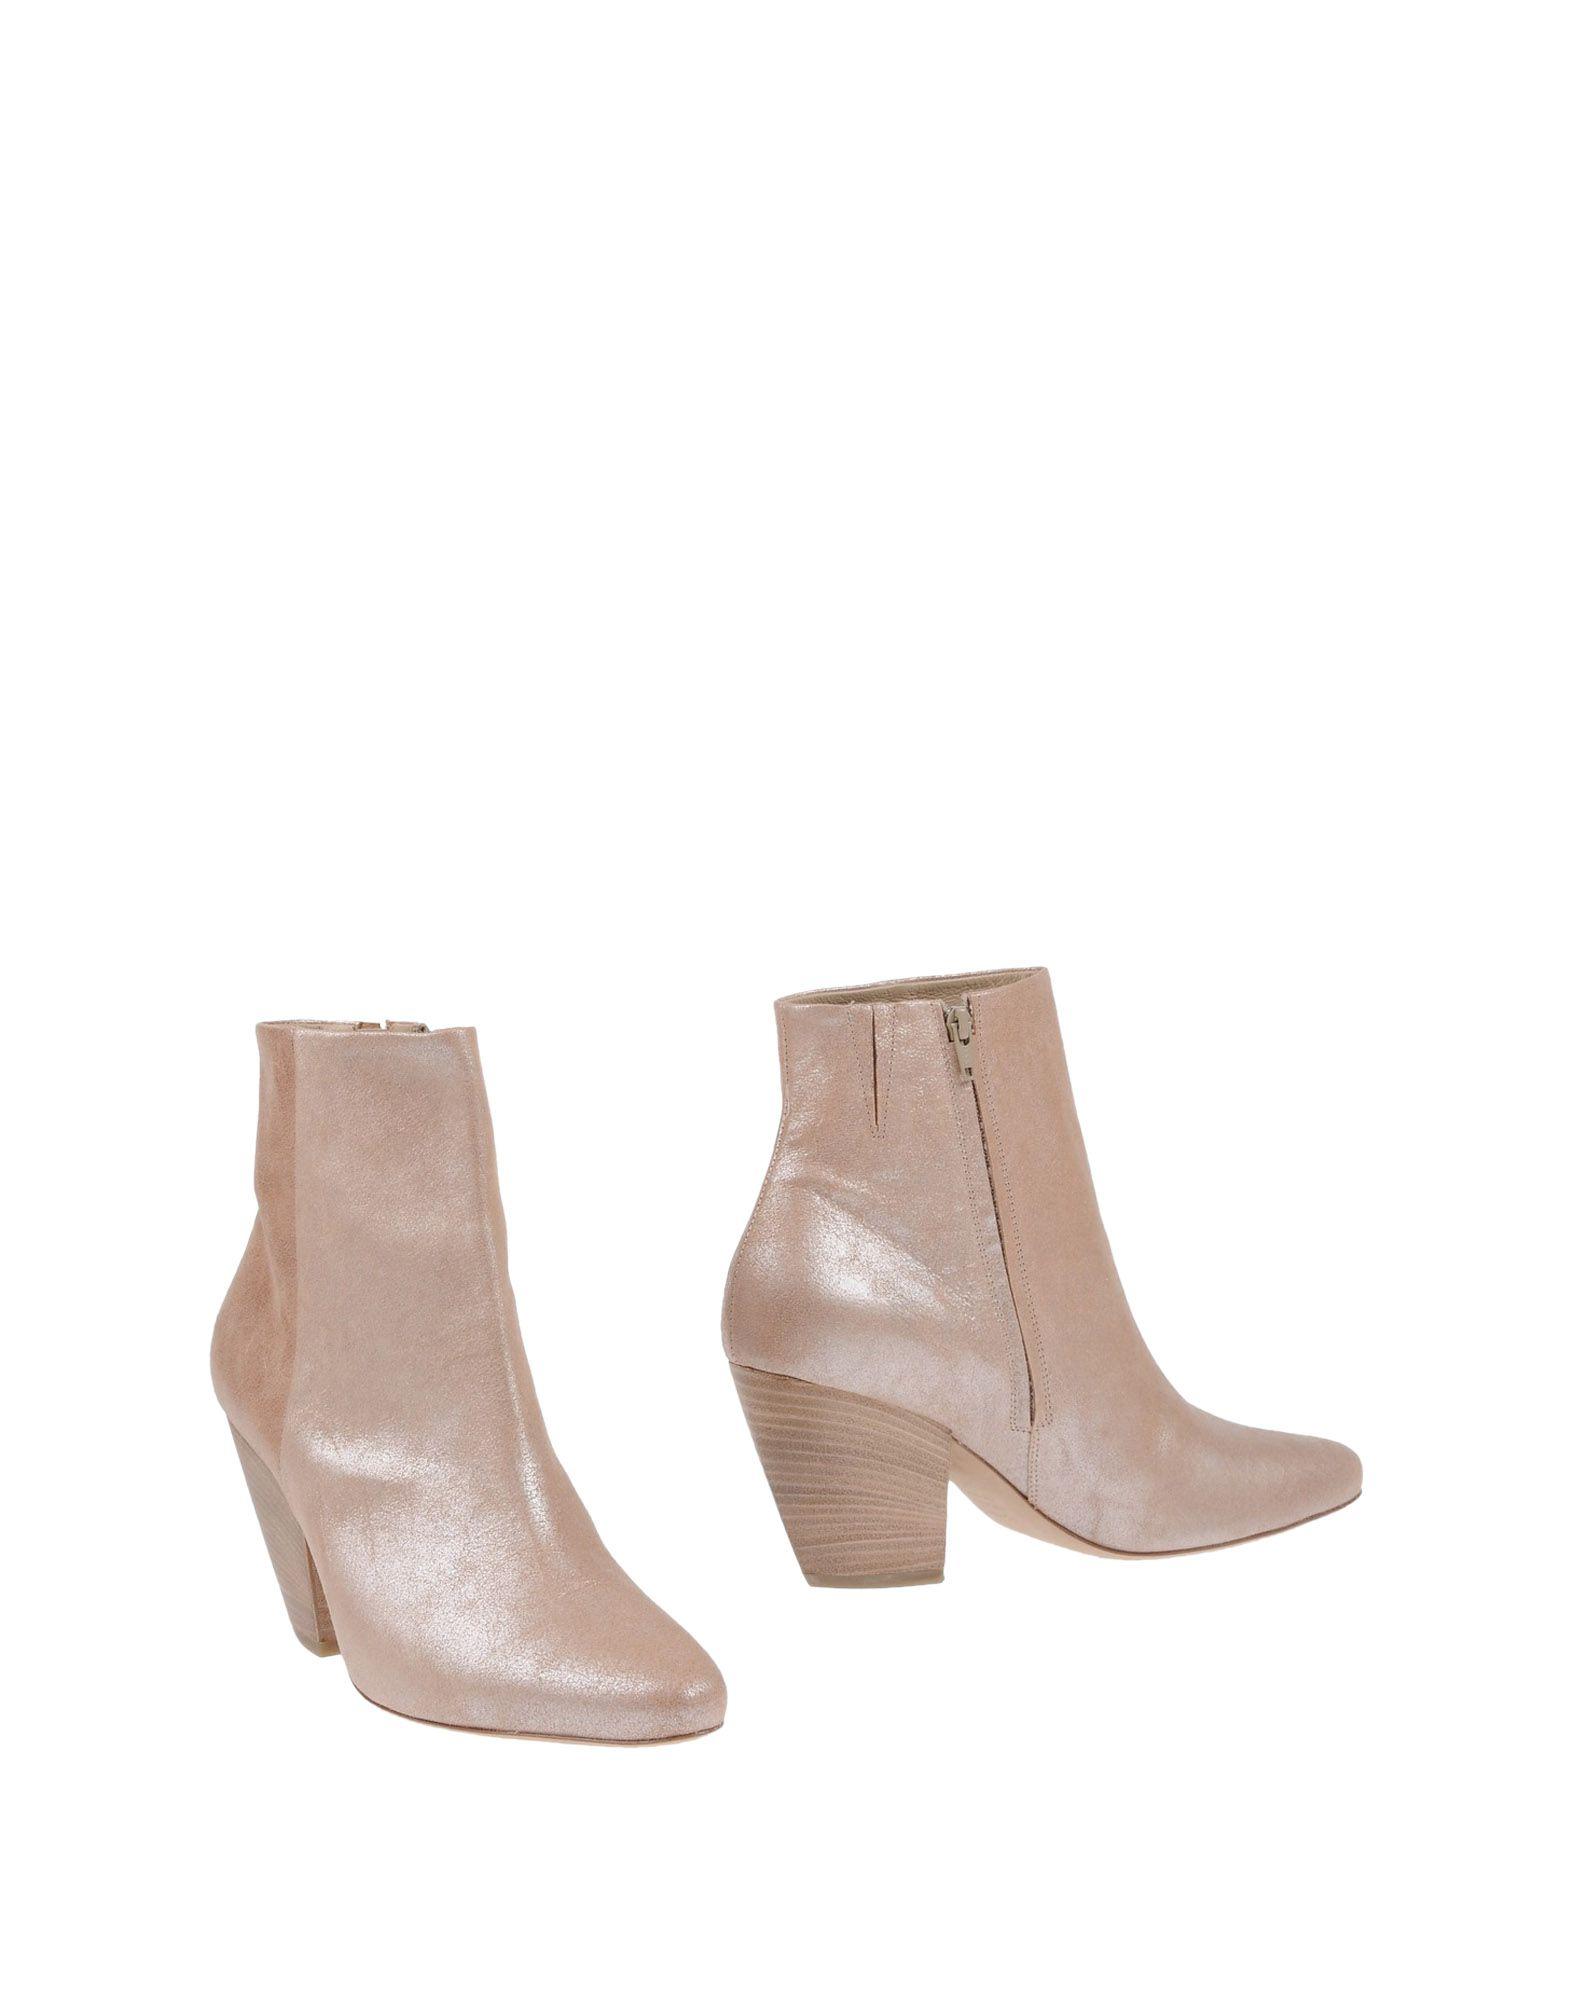 Stilvolle Stiefelette billige Schuhe Vic Matiē Stiefelette Stilvolle Damen  11454662TD 85f933